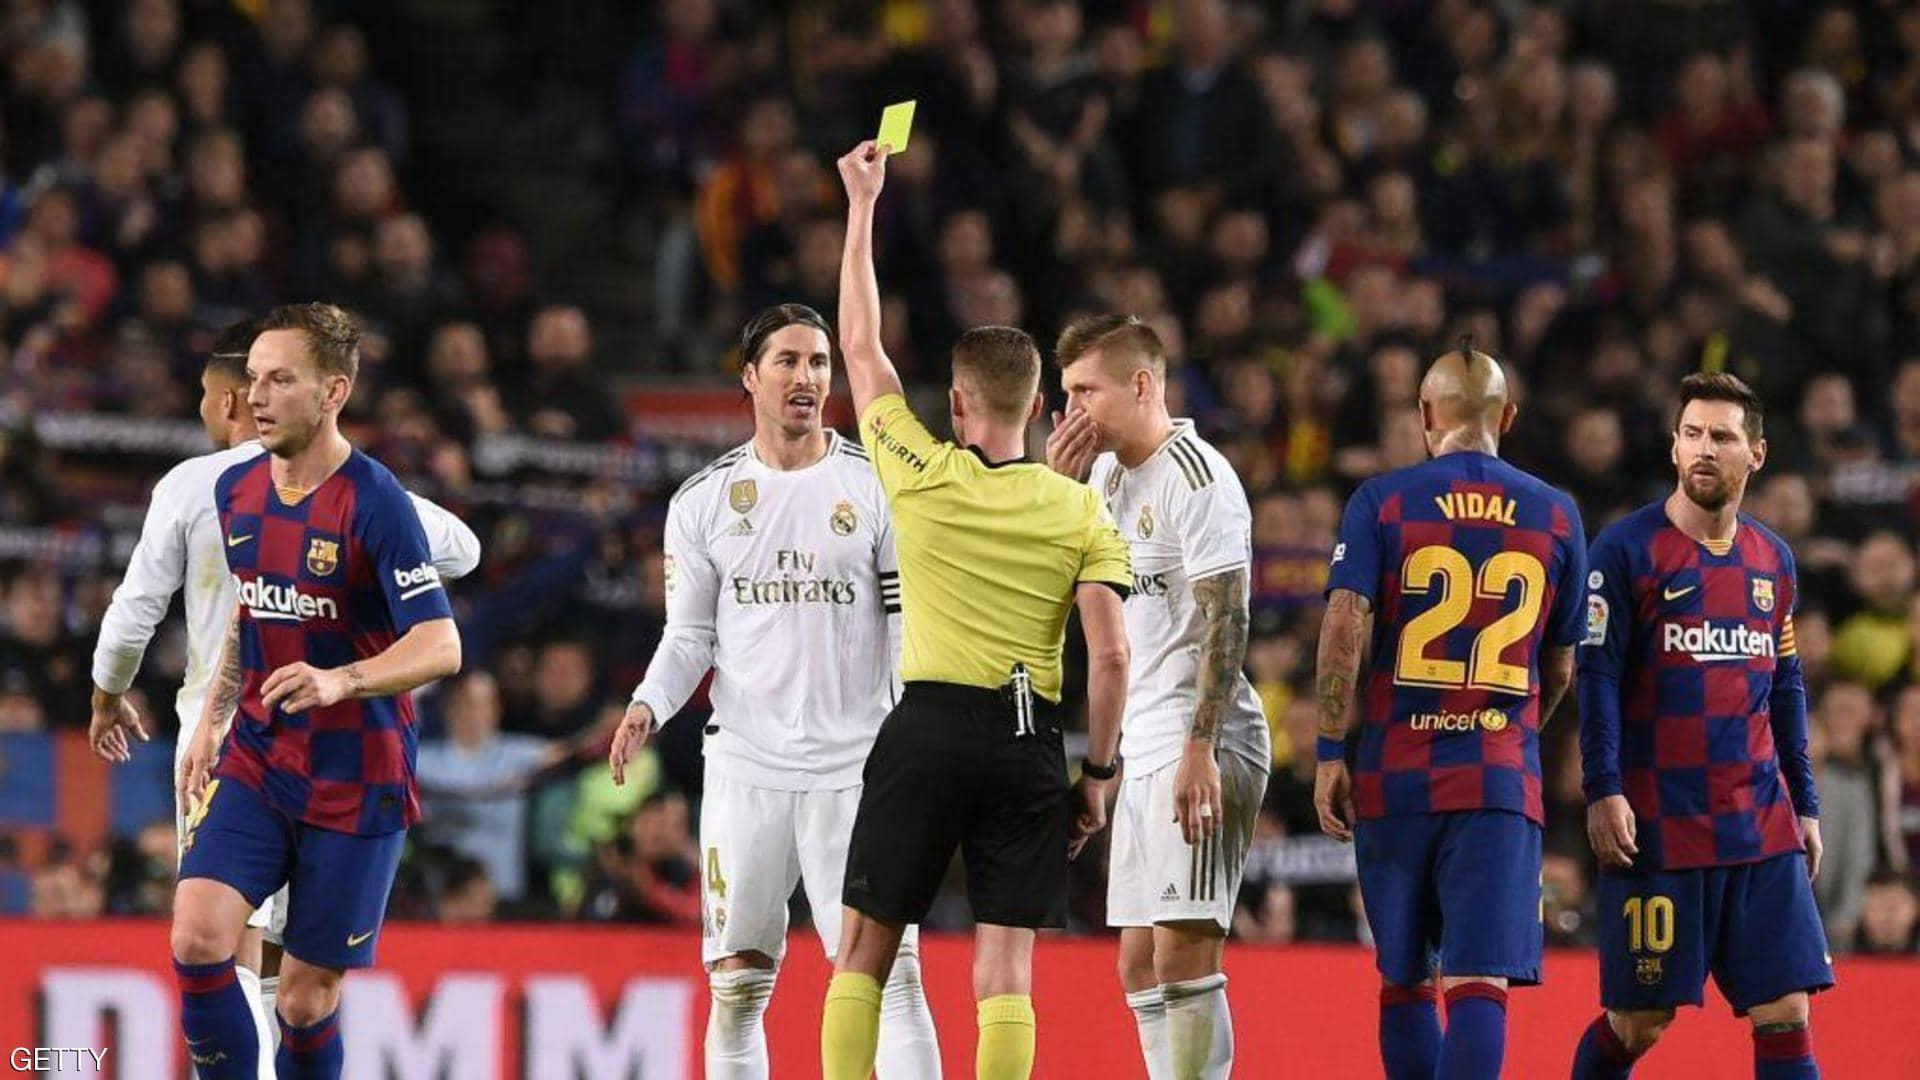 حكم إسباني سابق: 90% من حكام الليغا يشجعون ريال مدريد